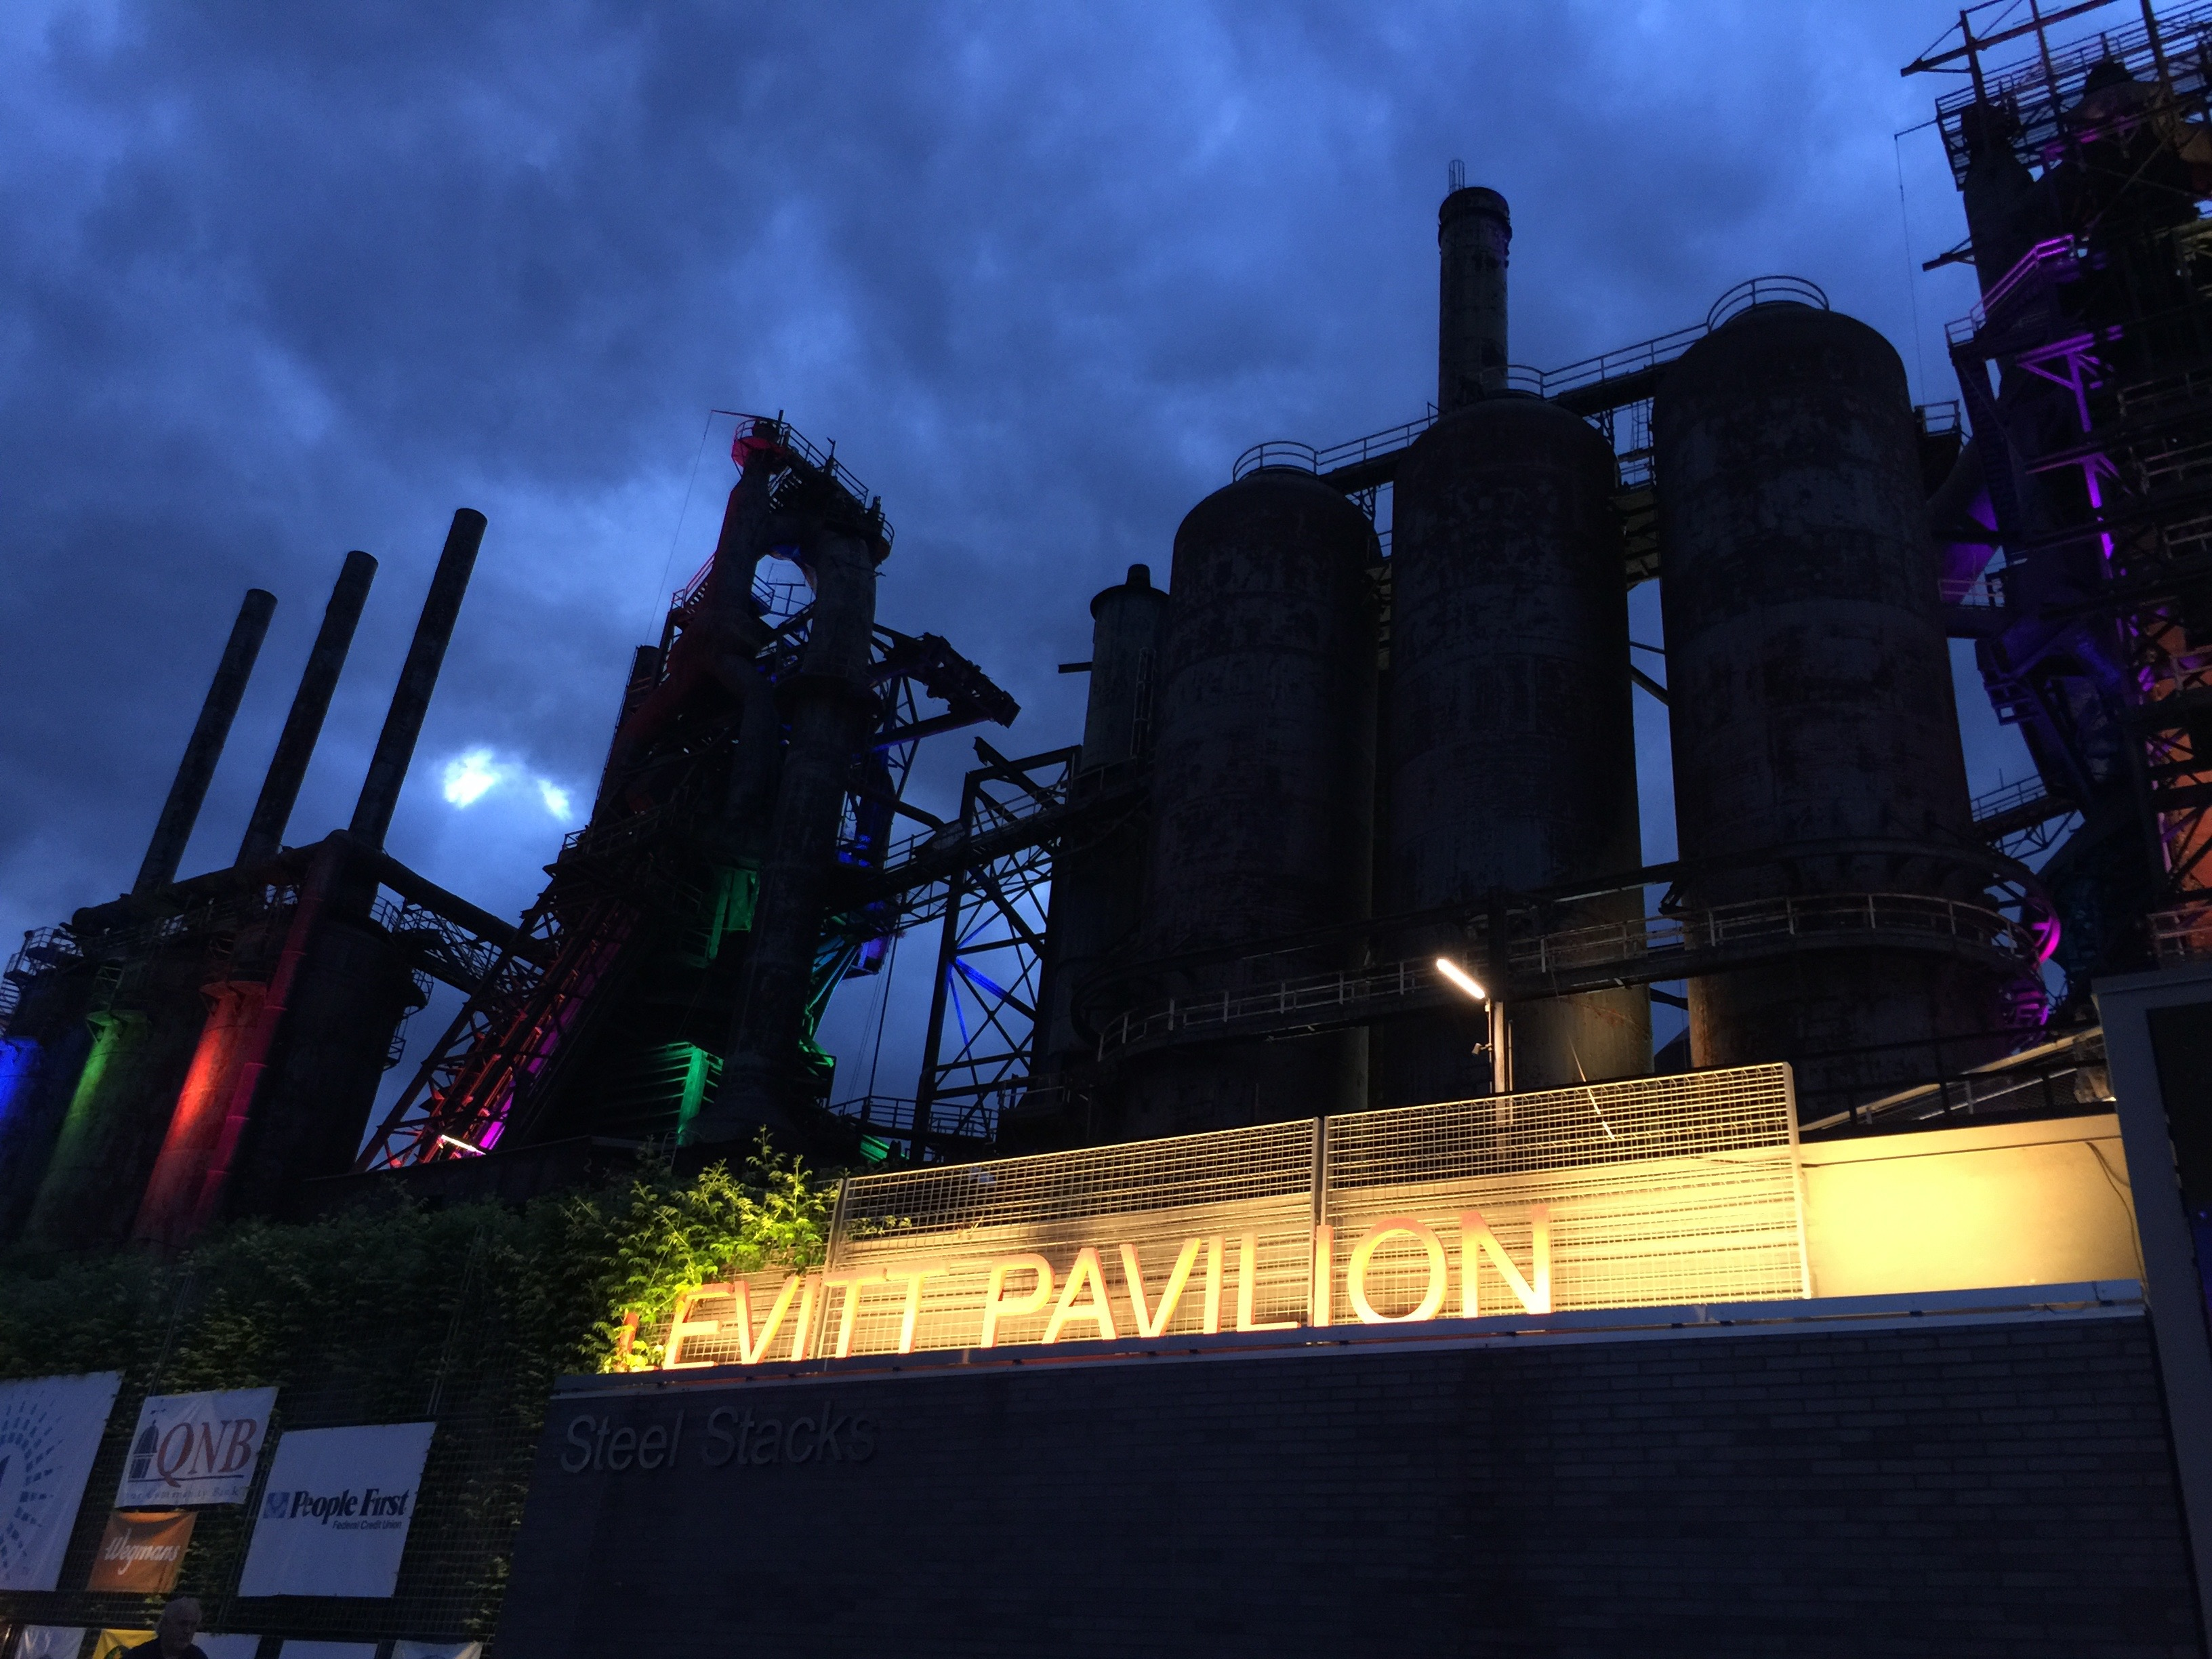 Steel Stacks - Levitt Pavilion